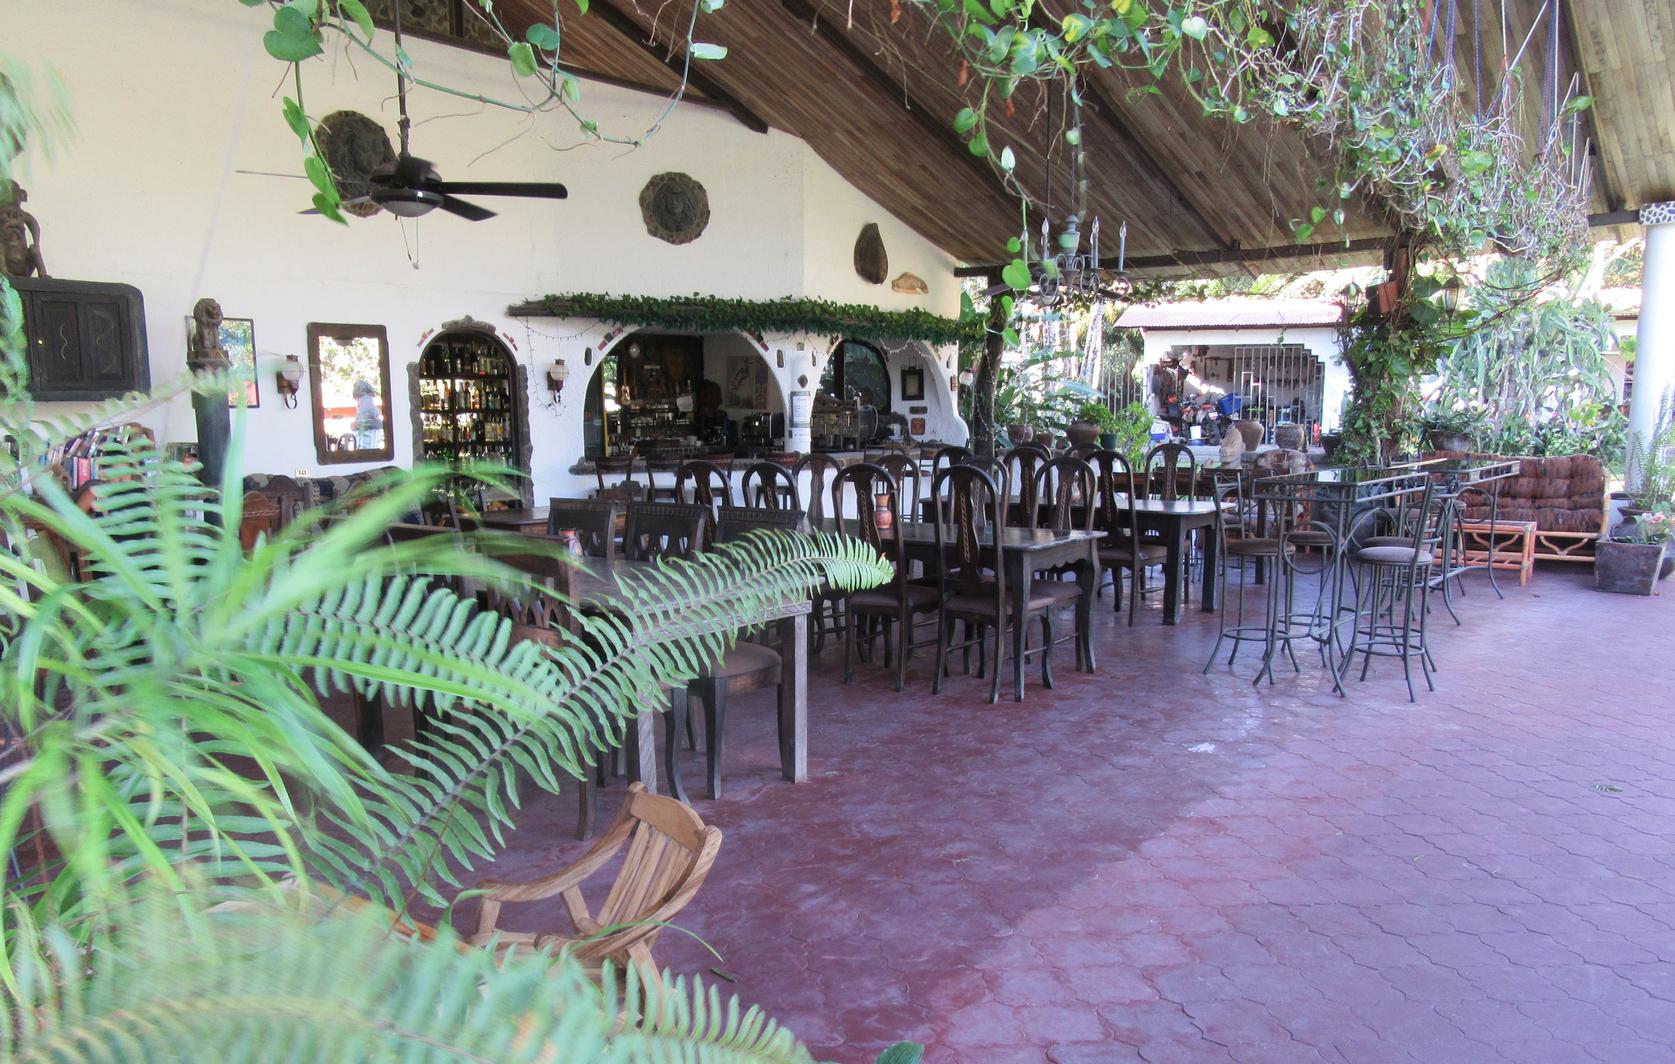 Hotel Costa Rica - Geheimtipp des Jahres, Restaurant Hotel Costa Rica, Geheimtipp des Jahres